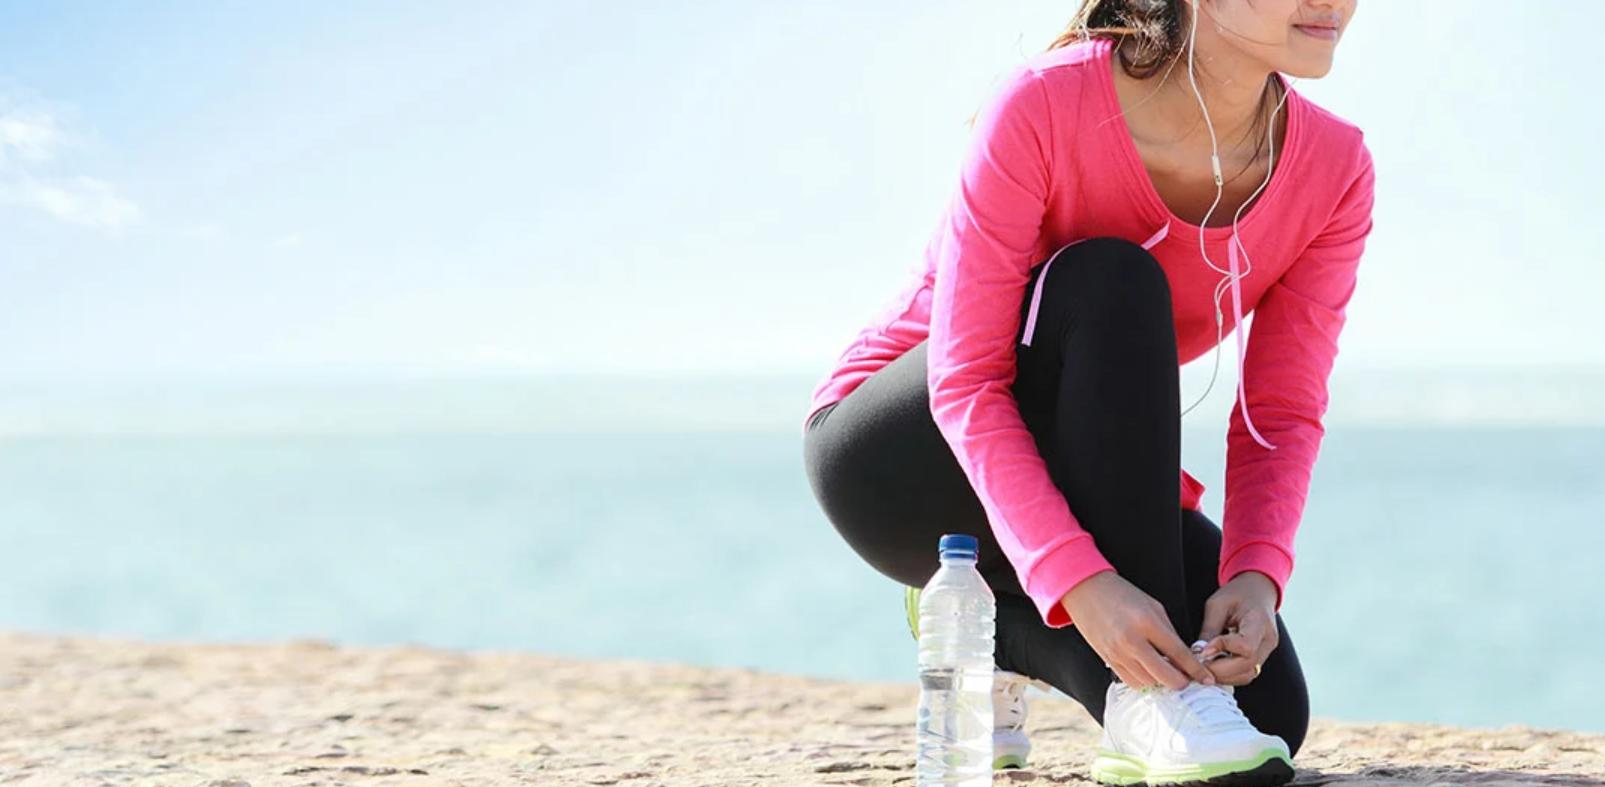 Kompresinės terapijos priemonės aktyvaus laiksvalaikio ar sporto metu